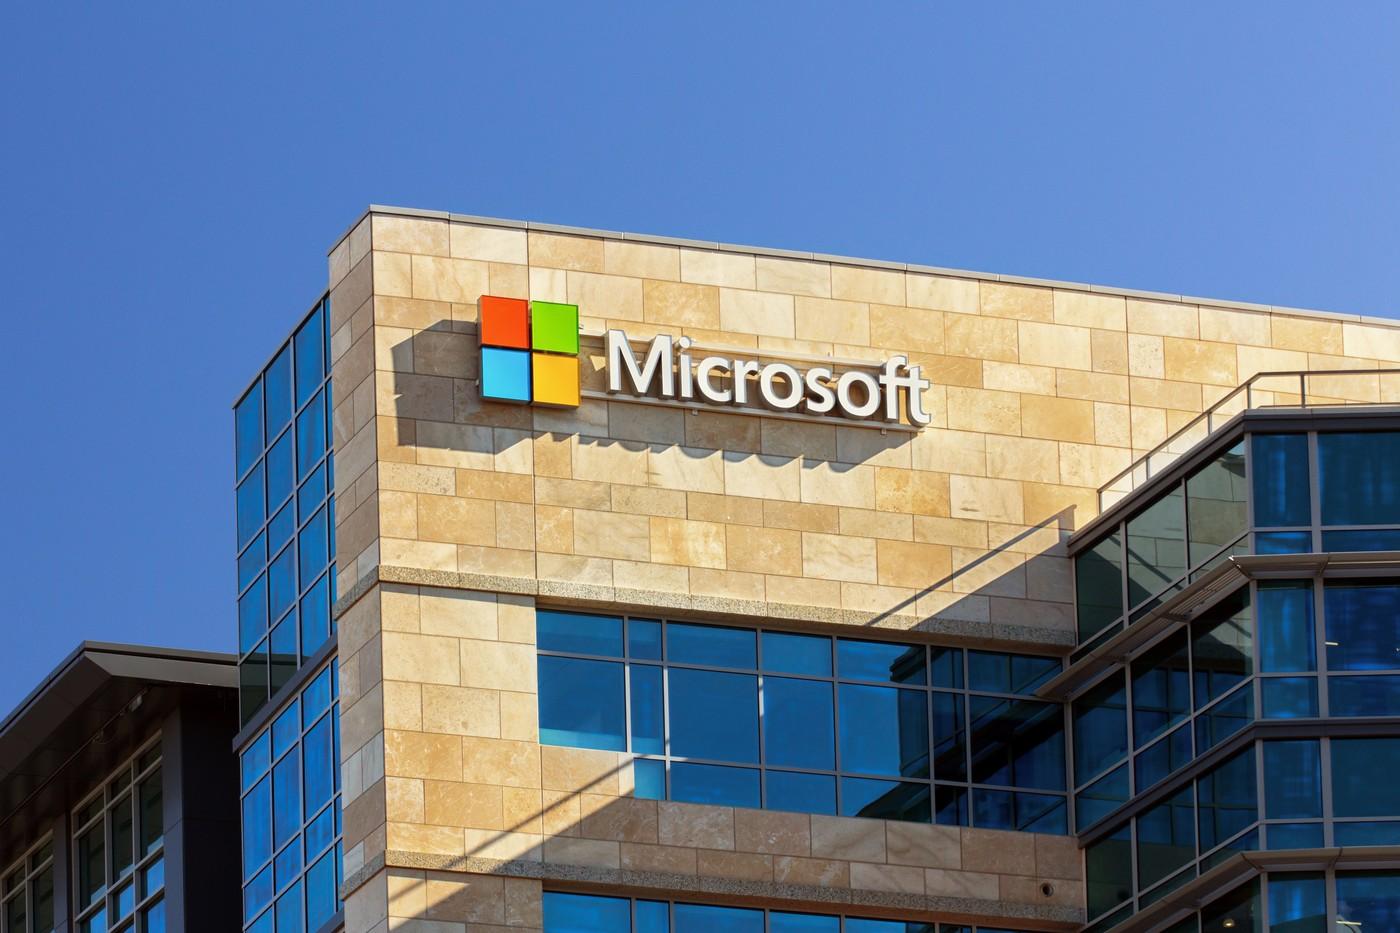 新聞編輯、雲端部門都要縮編!微軟新財年傳裁員近千人,雲端遊戲服務9月亮相